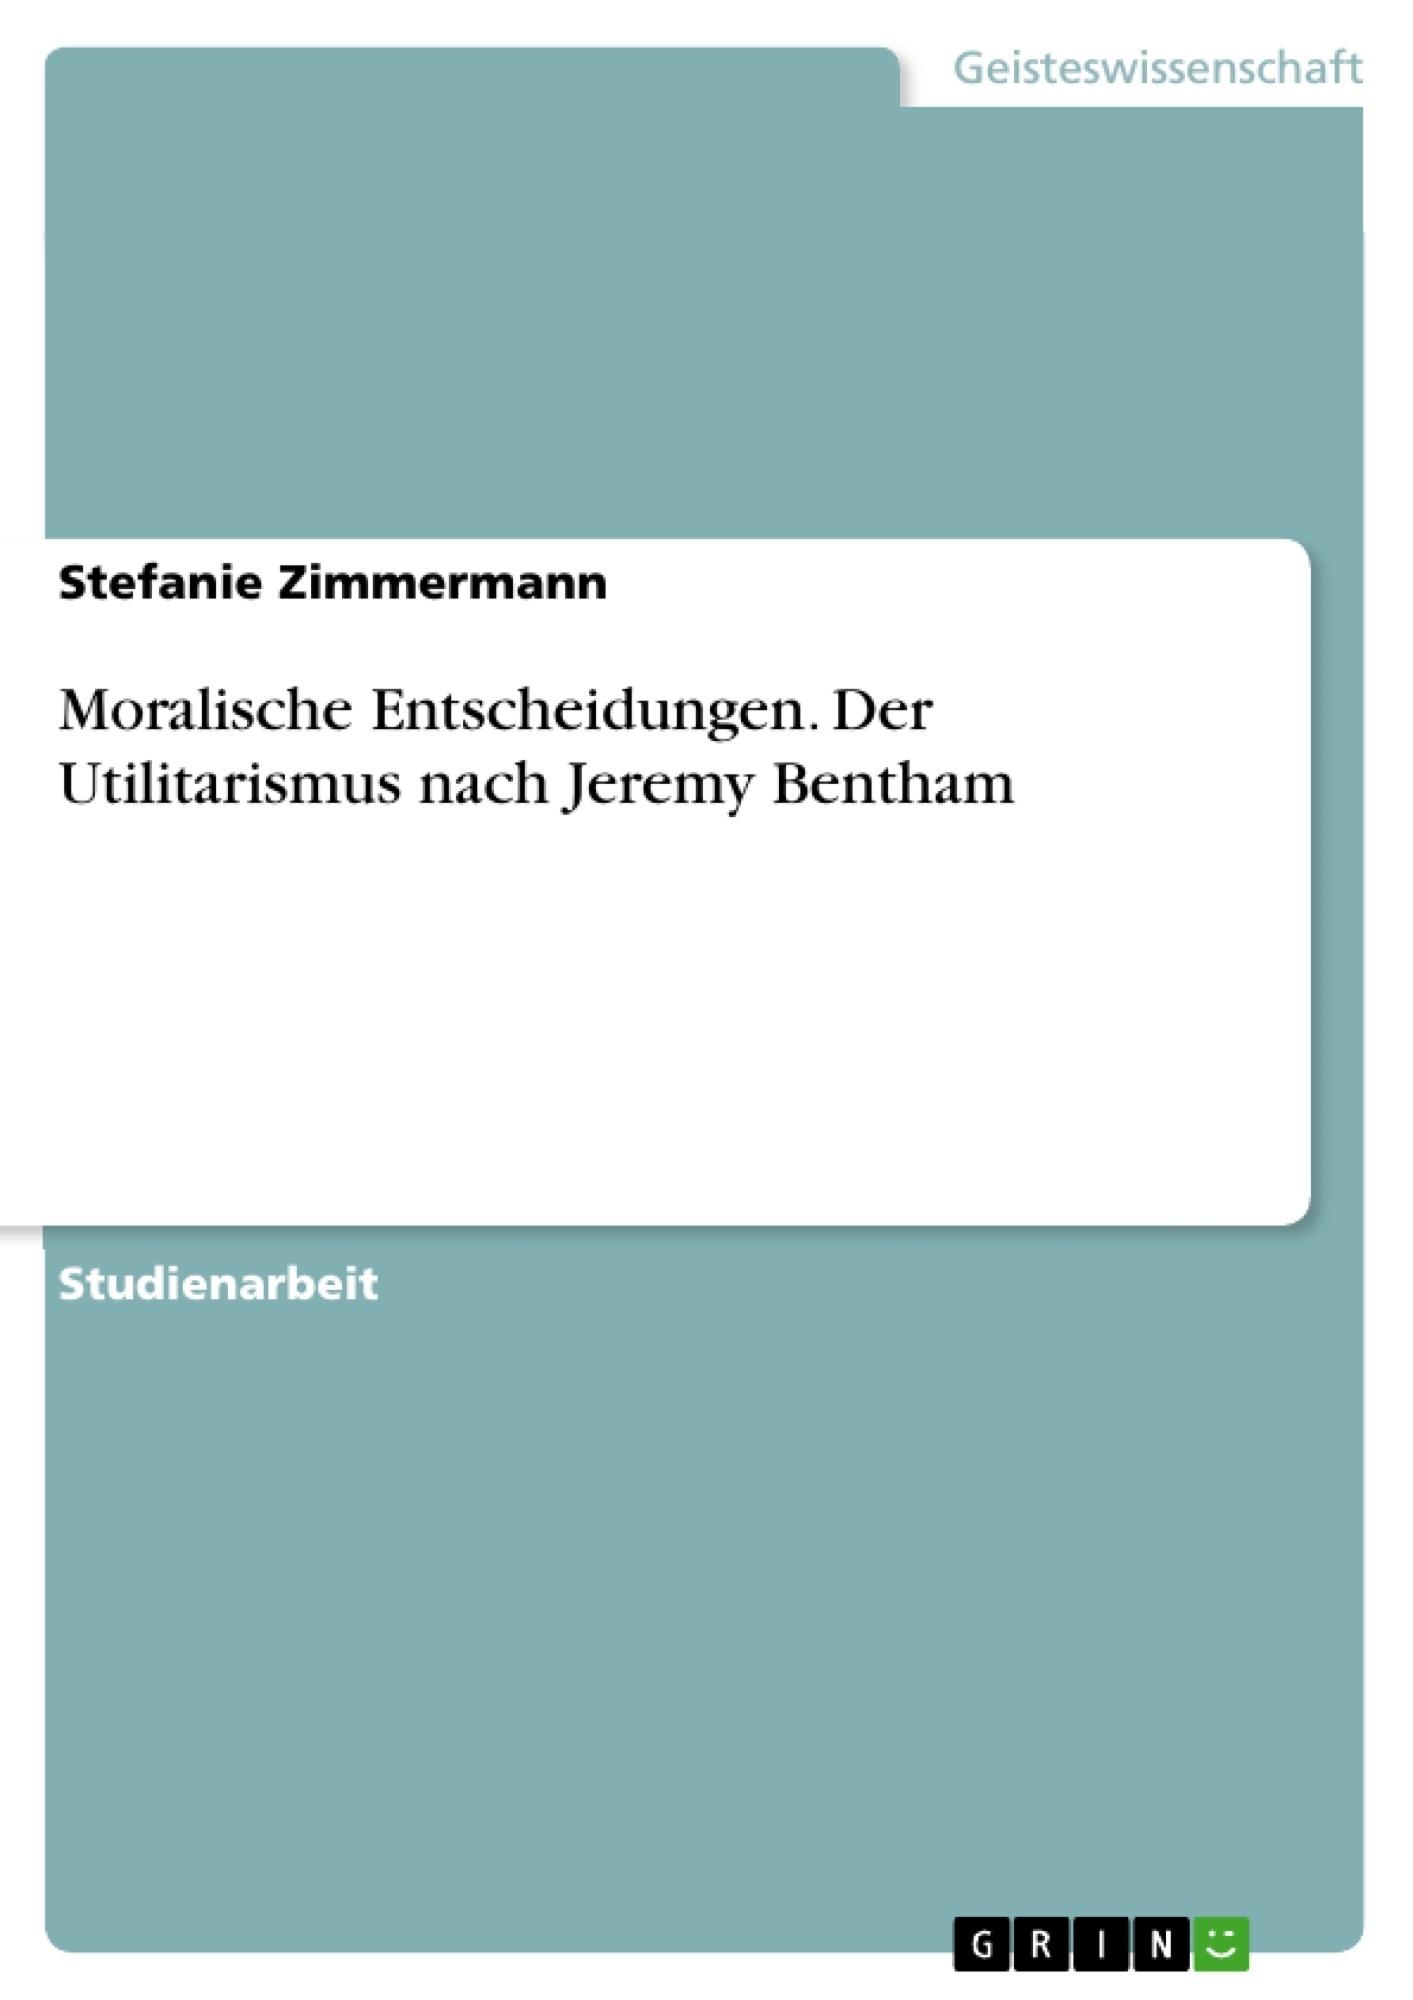 Titel: Moralische Entscheidungen. Der Utilitarismus nach Jeremy Bentham